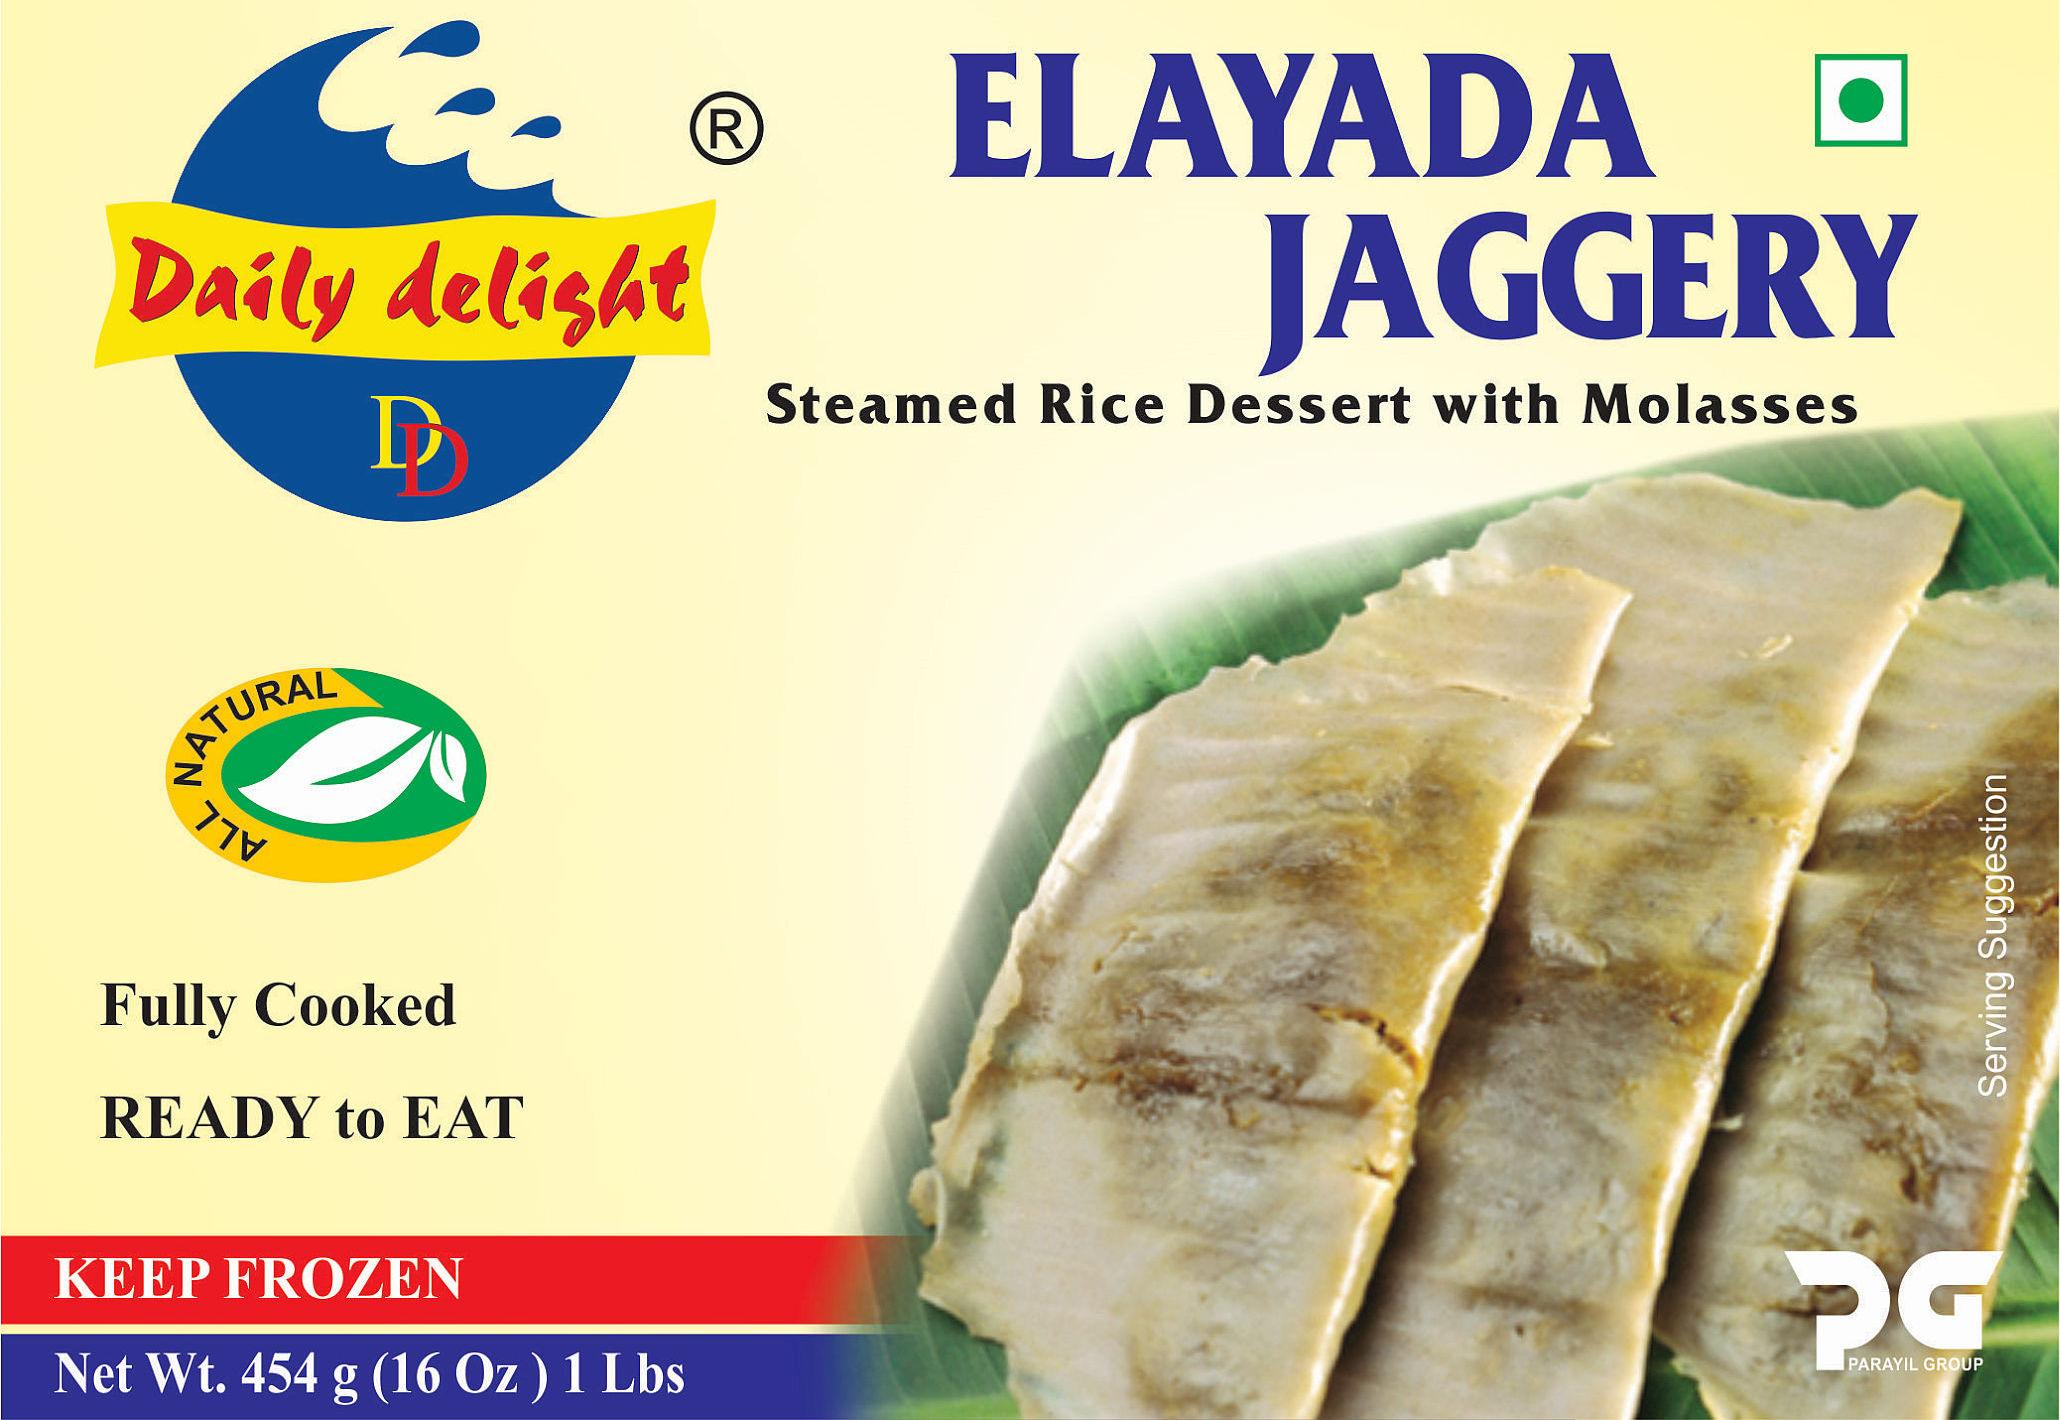 Daily Delight Elayada Jaggery